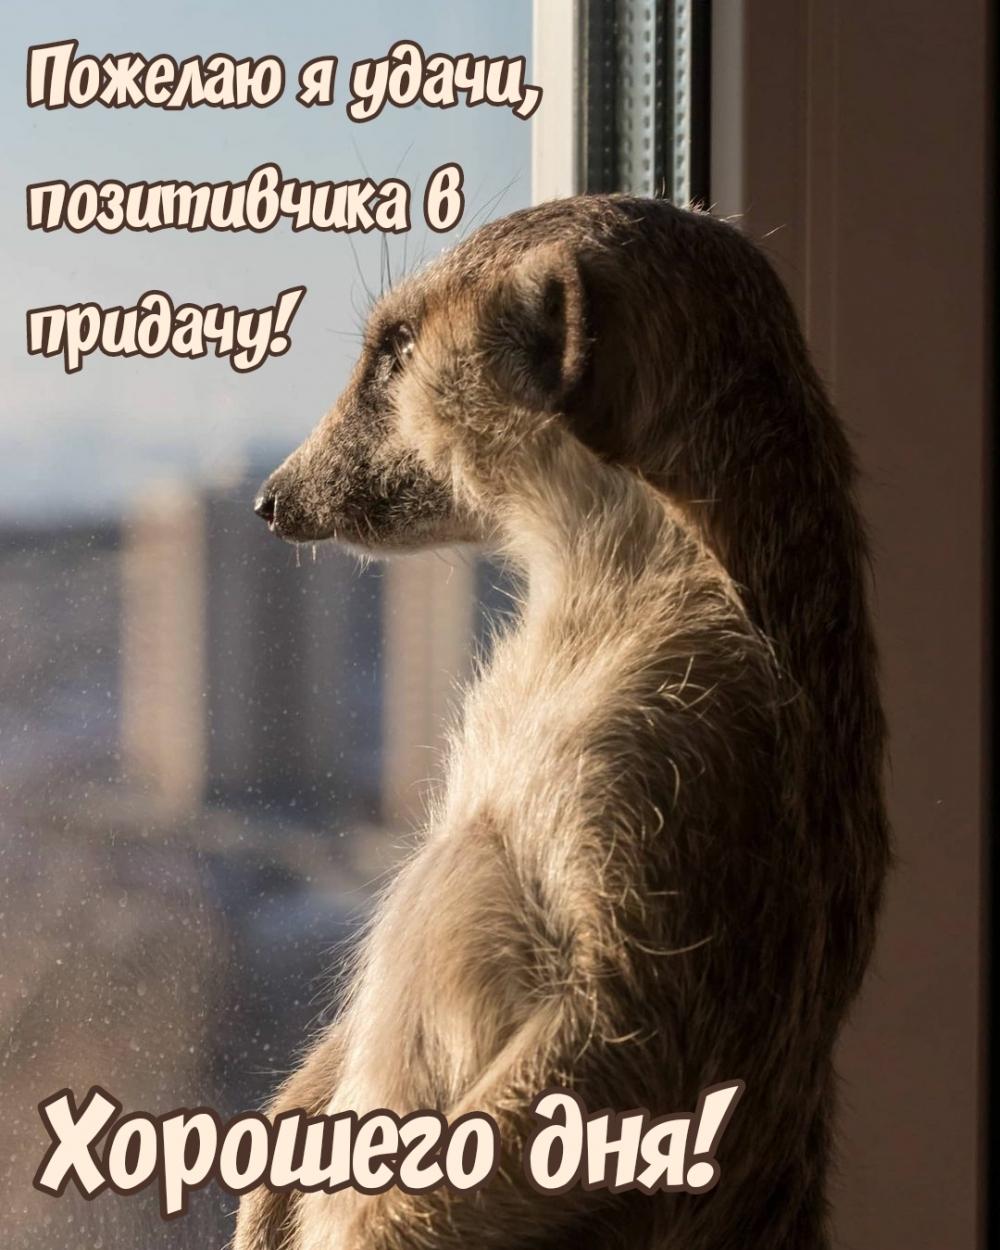 Пожелаю я удачи, позитивчика в придачу! Хорошего дня!